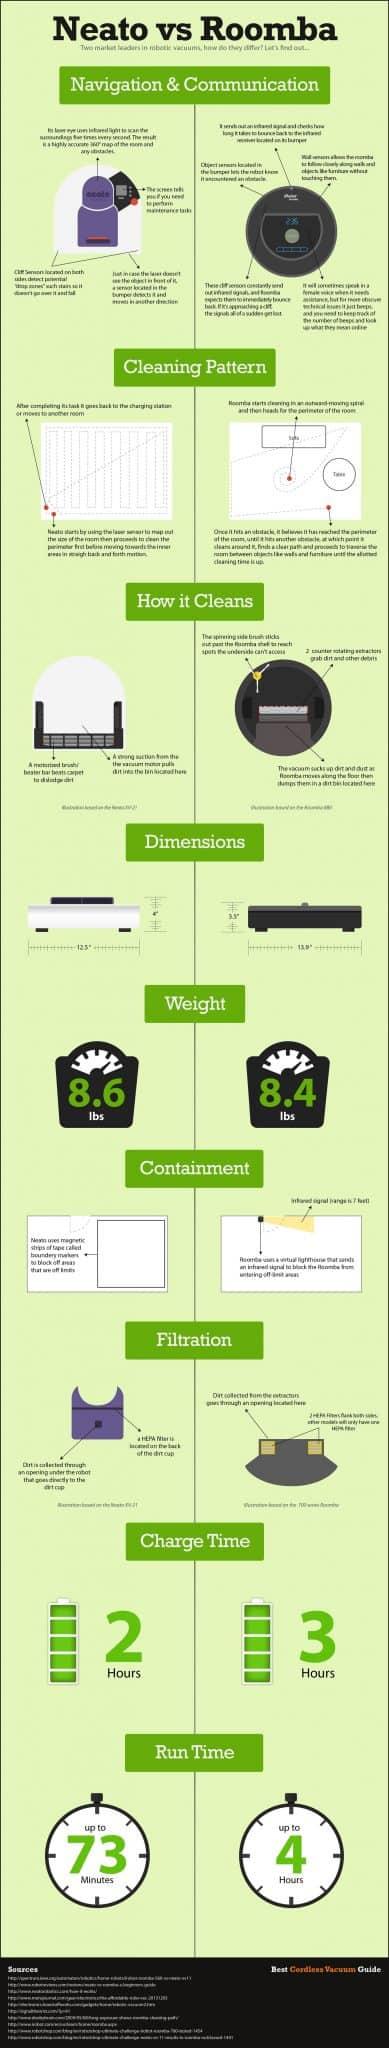 Neato vs Roomba Infographic